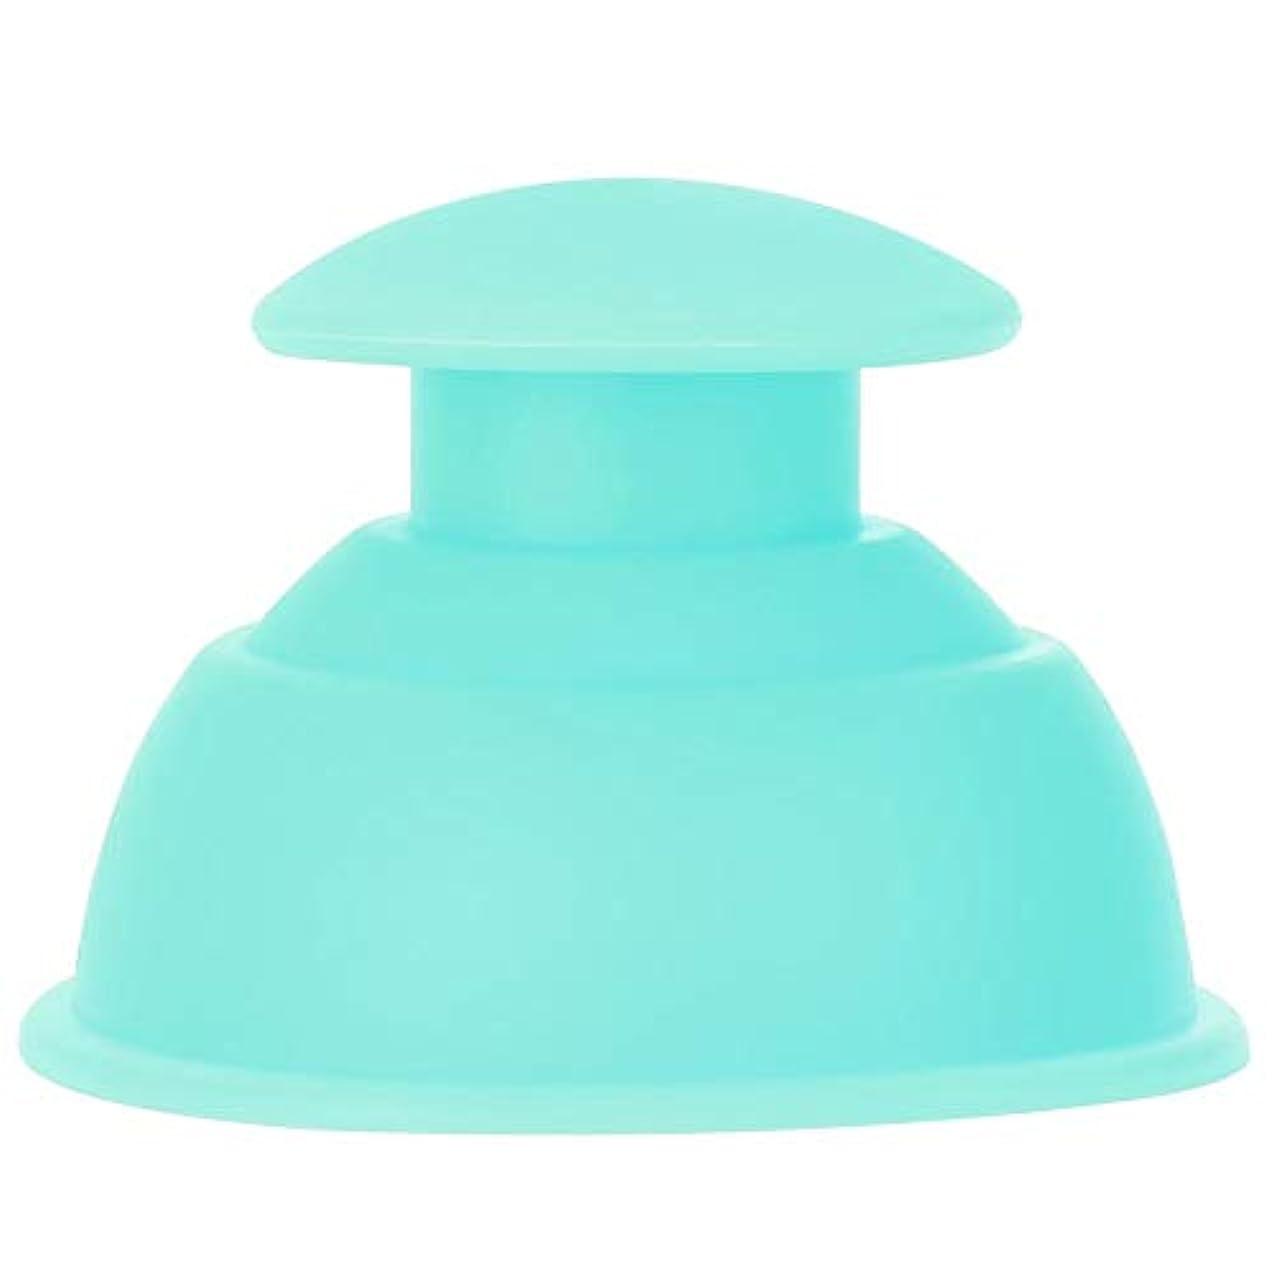 とは異なり朝ごはん対7種類のカッピングカップマッサージセット、シリコーン水分吸収剤アンチセルライトバキュームによる 全身疲れの緩和(グリーン)